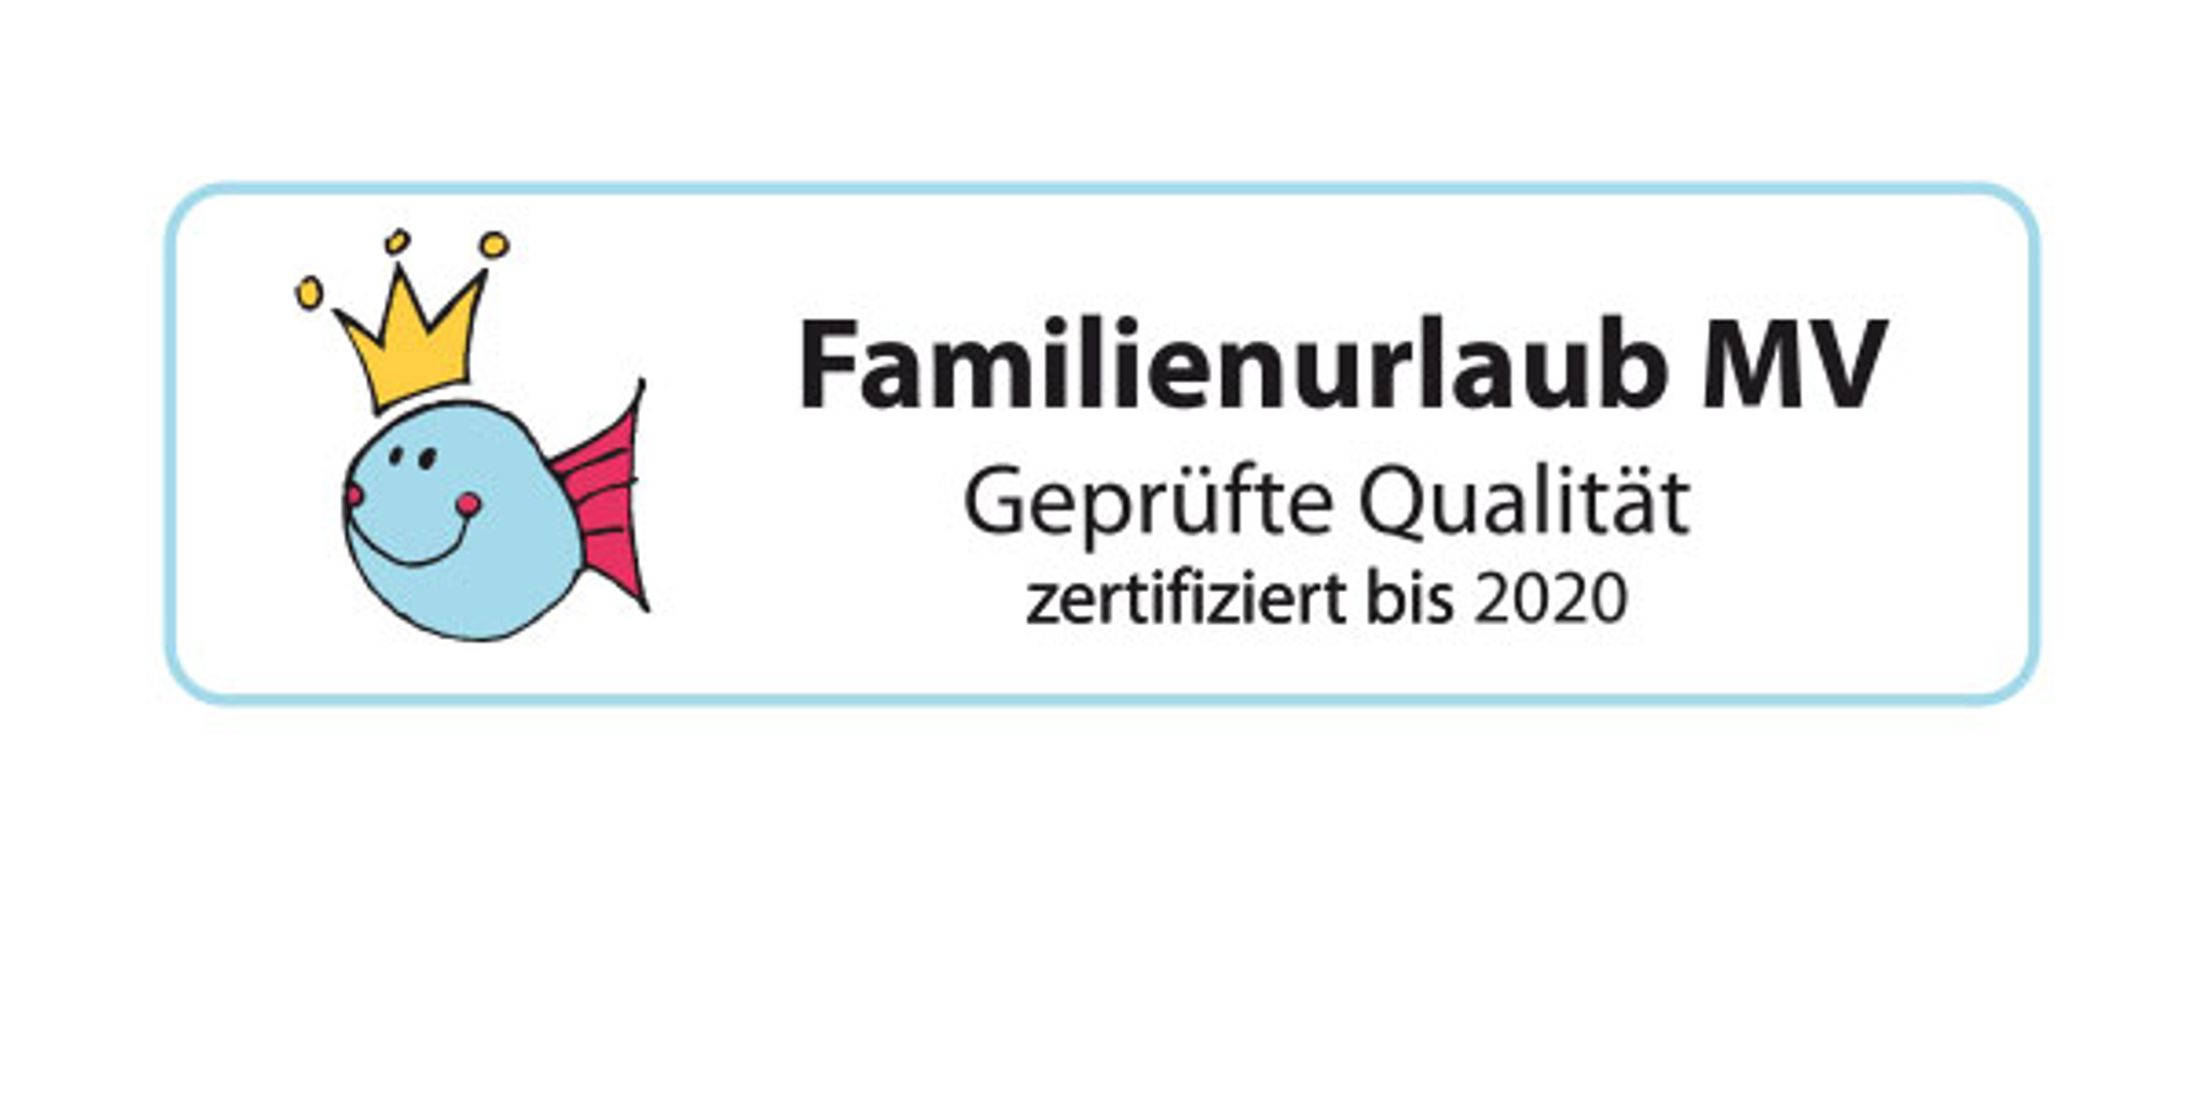 Familienurlaub MV 2020